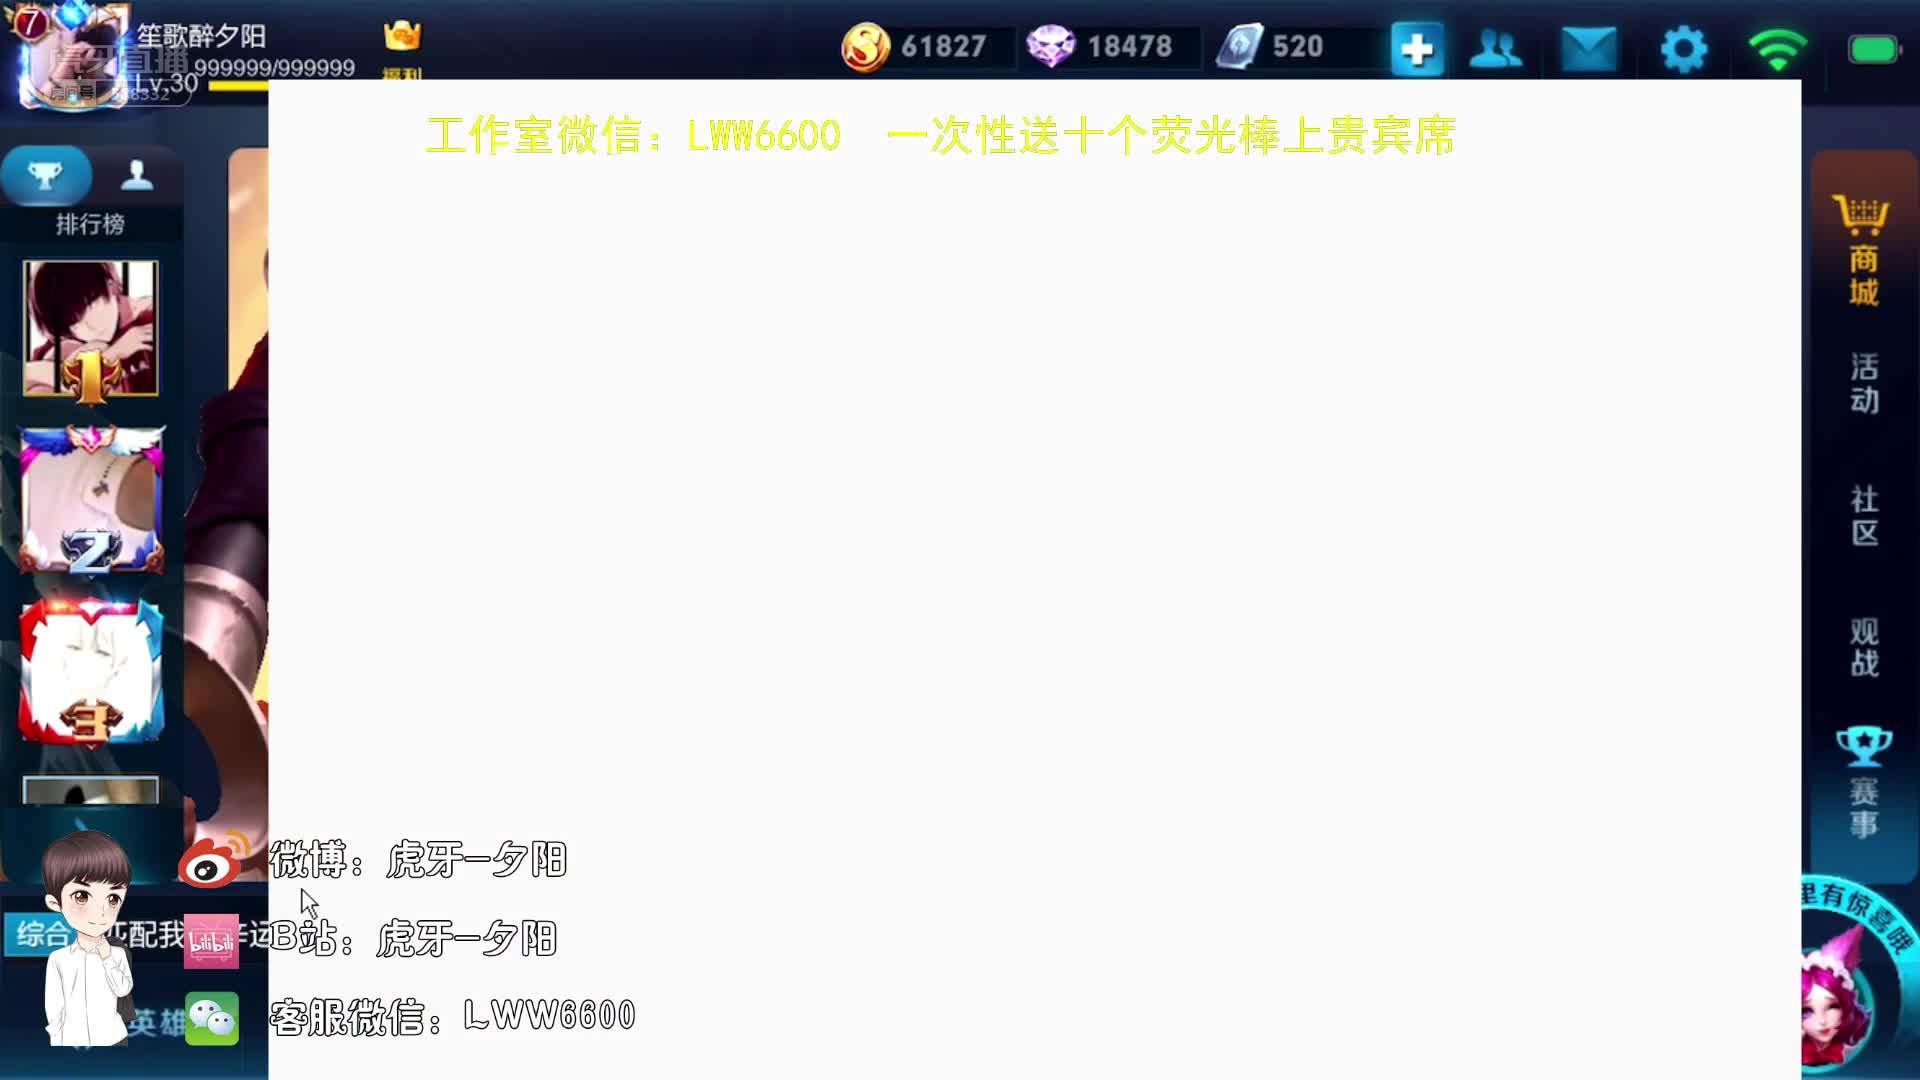 第一李白,1200场90胜率!